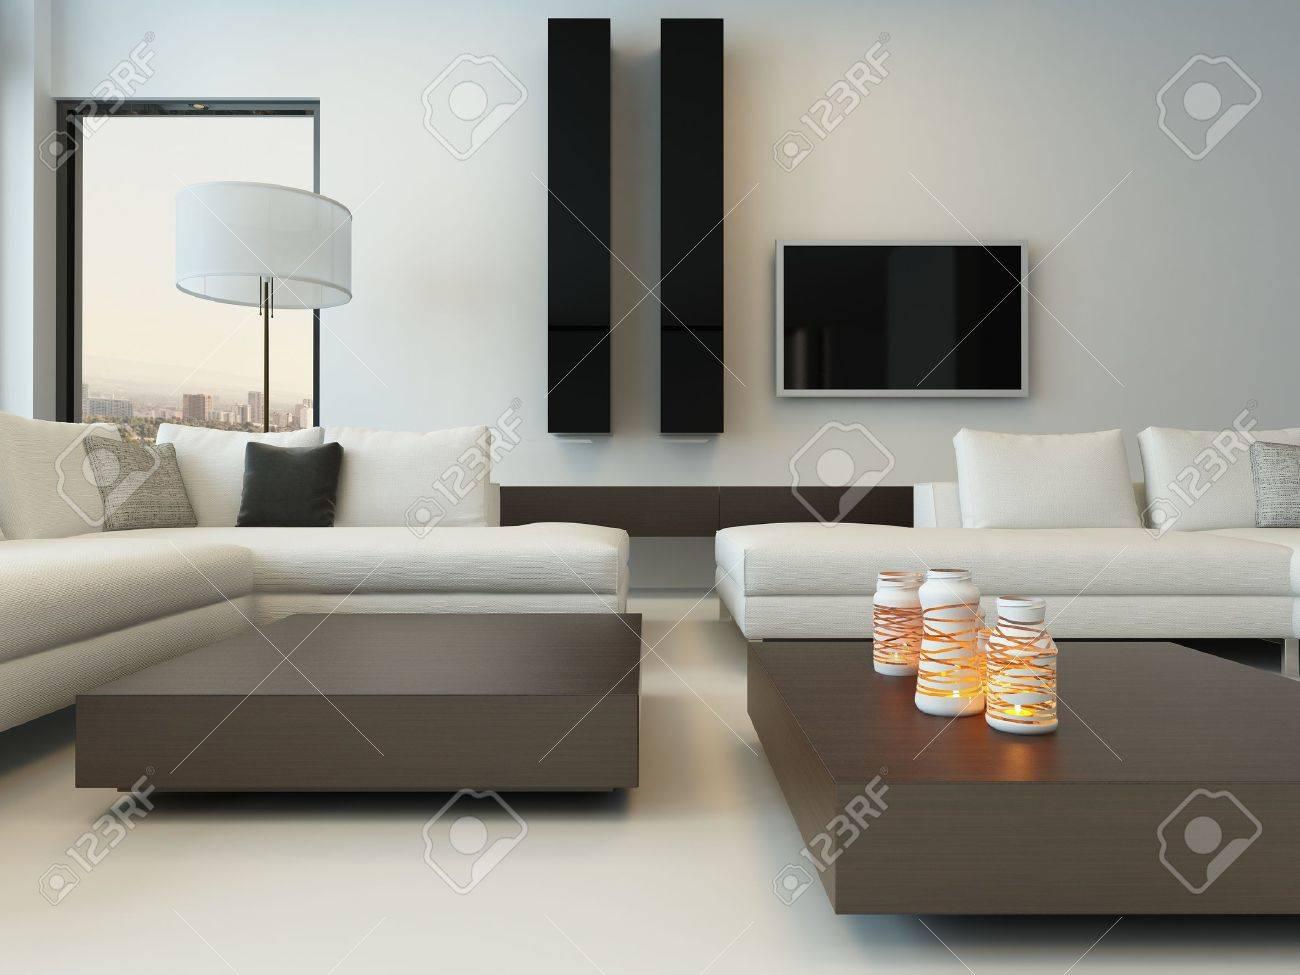 Modernes Design Sonnigen Wohnzimmer Interieur Mit Weißen Couch  Standard Bild   28747315